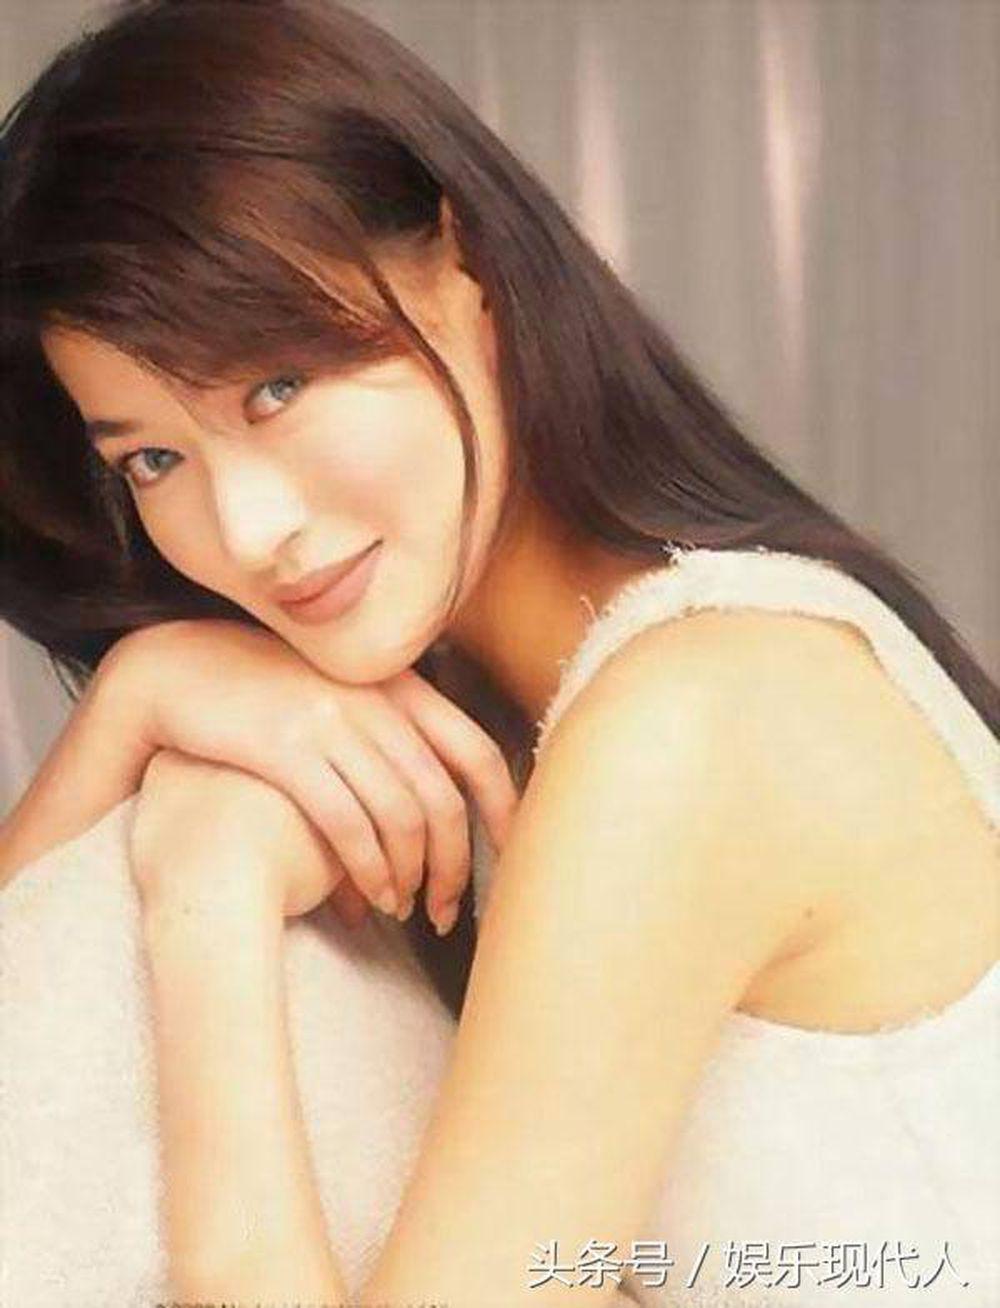 Năm 1990, Trần Bảo Liên tham dự cuộc thi hoa hậu Á Châu. Tuy không được  giải, nhưng với chiều cao 1m75 cùng thân hình gợi cảm, cô đã được những nhà  ...